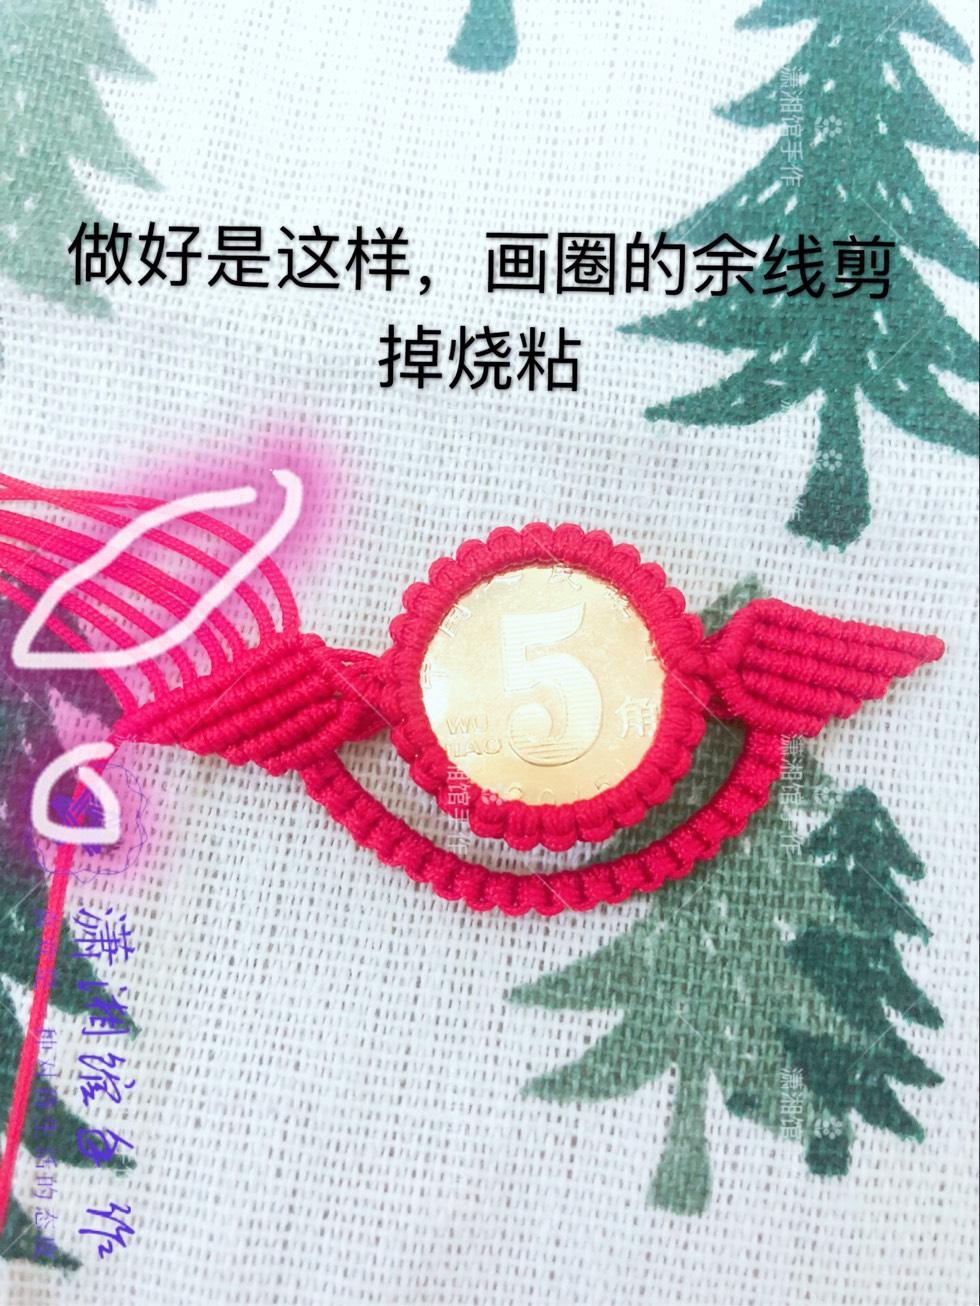 中国结论坛 硬币天使翅膀手链  图文教程区 162448jvnqdvnq6obuj23v